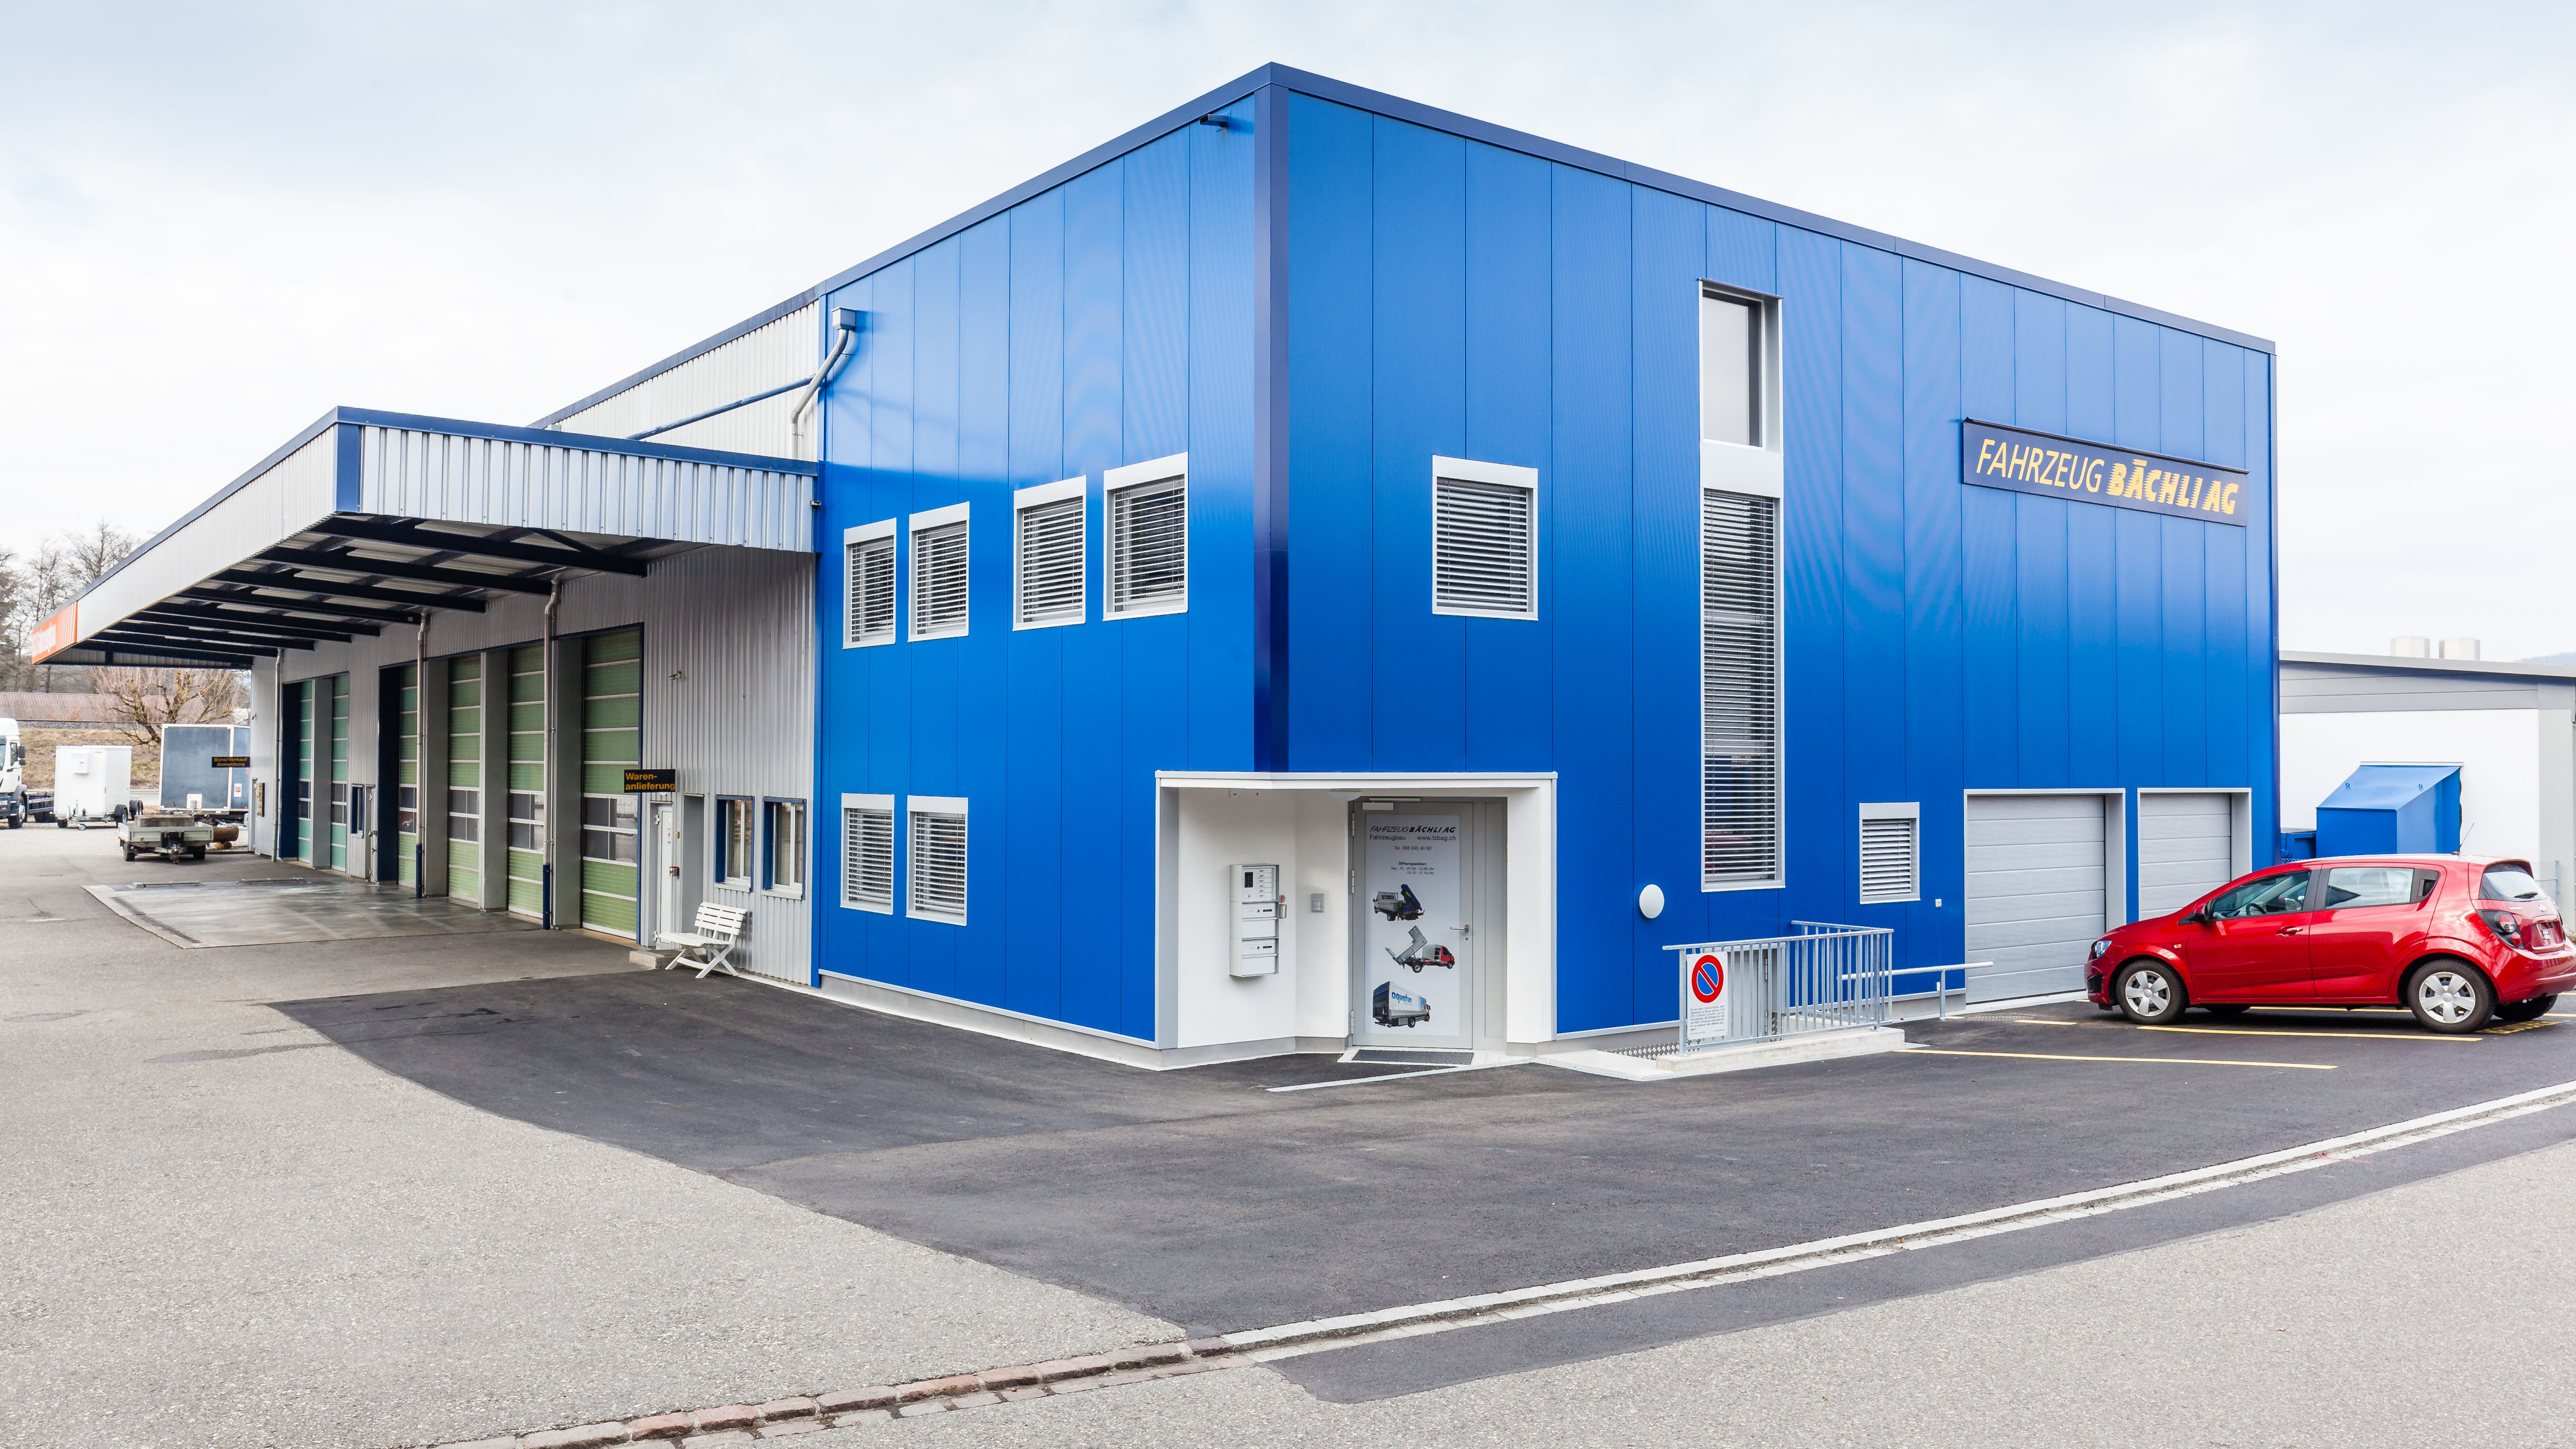 Erweiterungsbau Fahrzeug Bächli, Döttingen